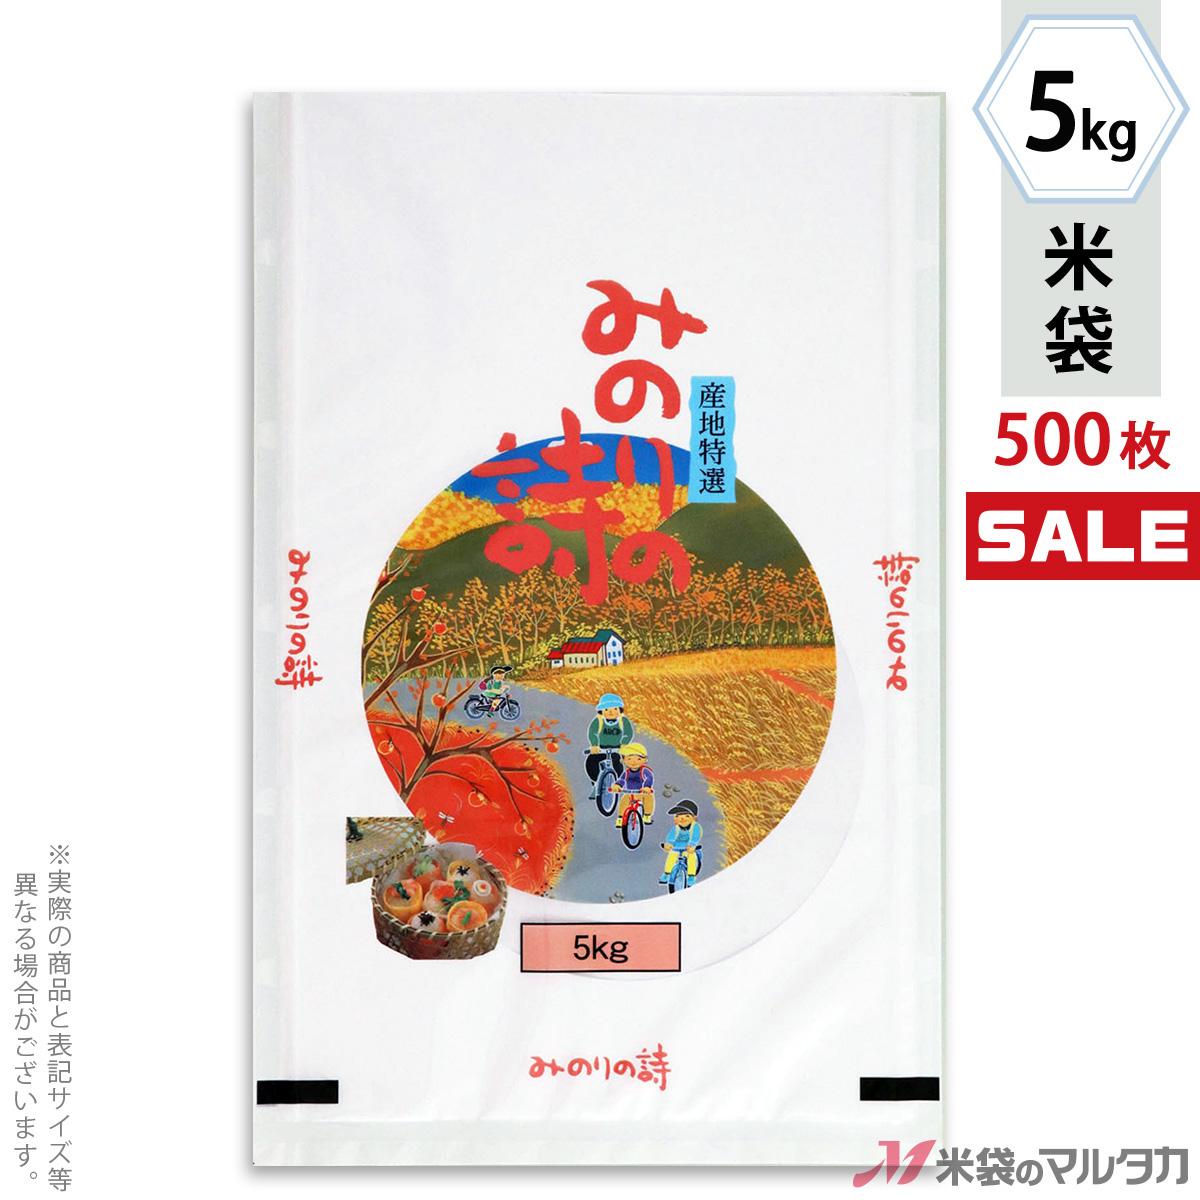 <キャンペーン対応>米袋 ラミ フレブレス みのりの詩 5kg 1ケース(500枚入) MN-4970